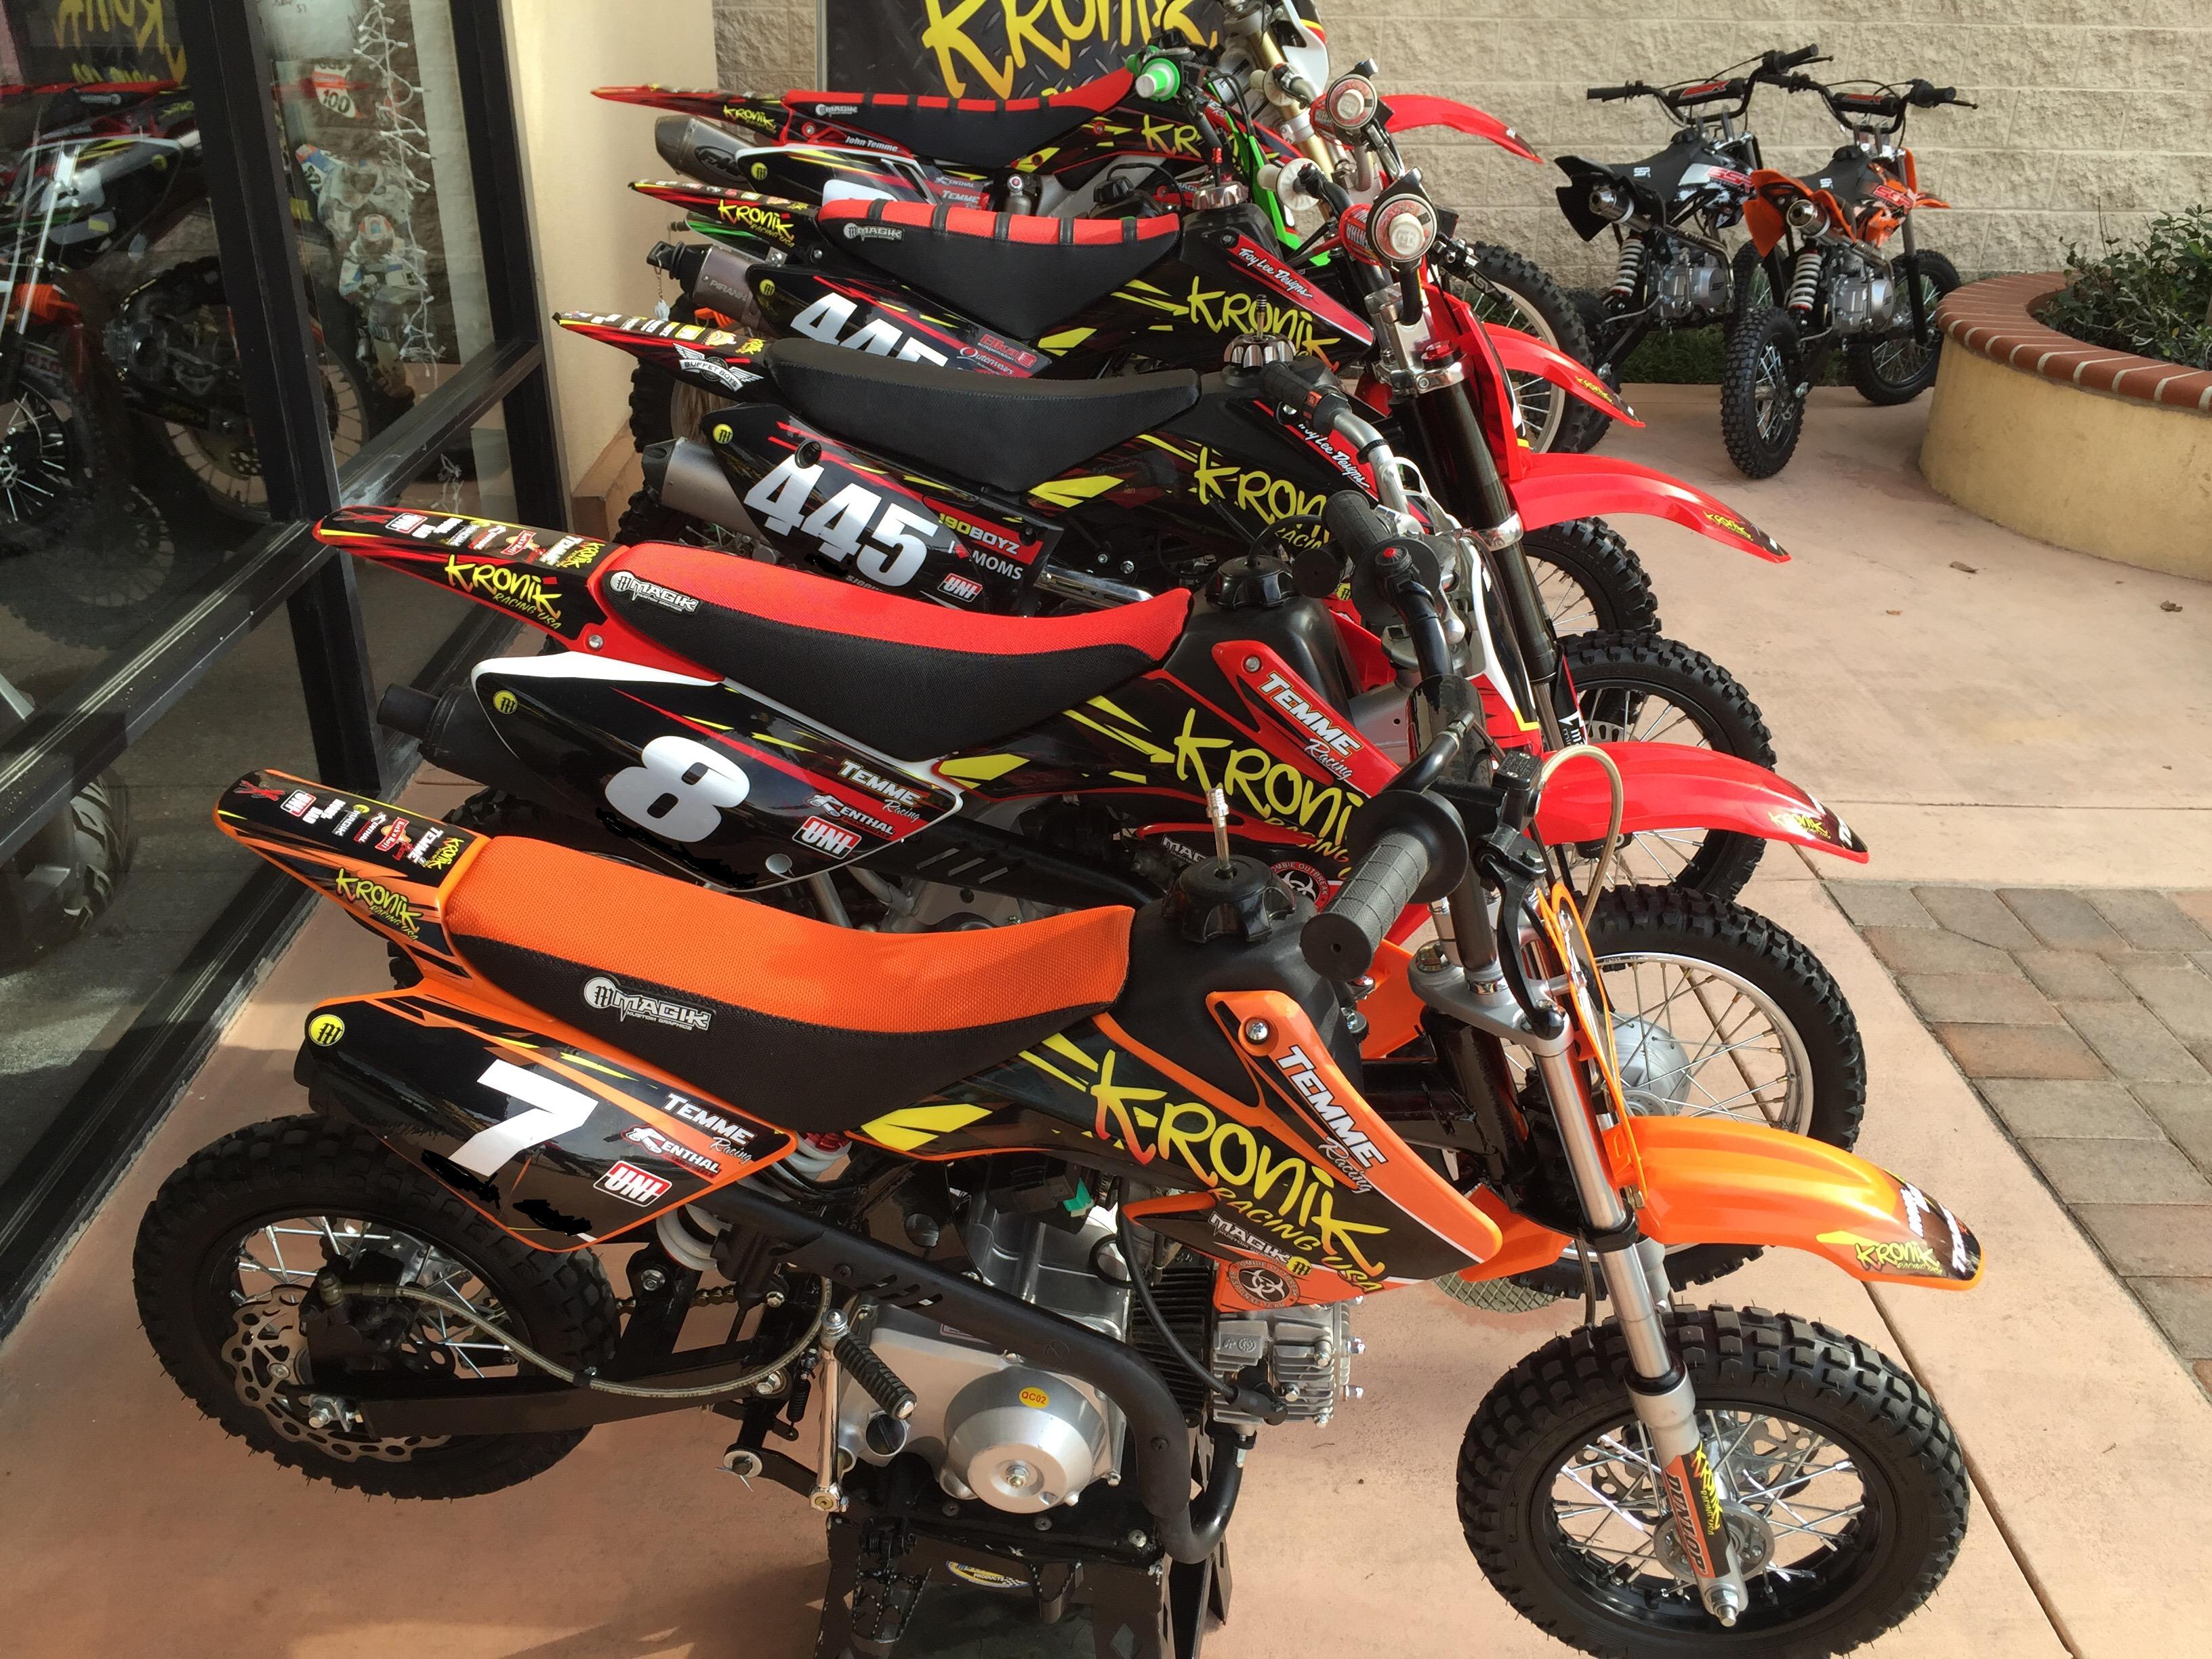 Kronik Racing team series kit